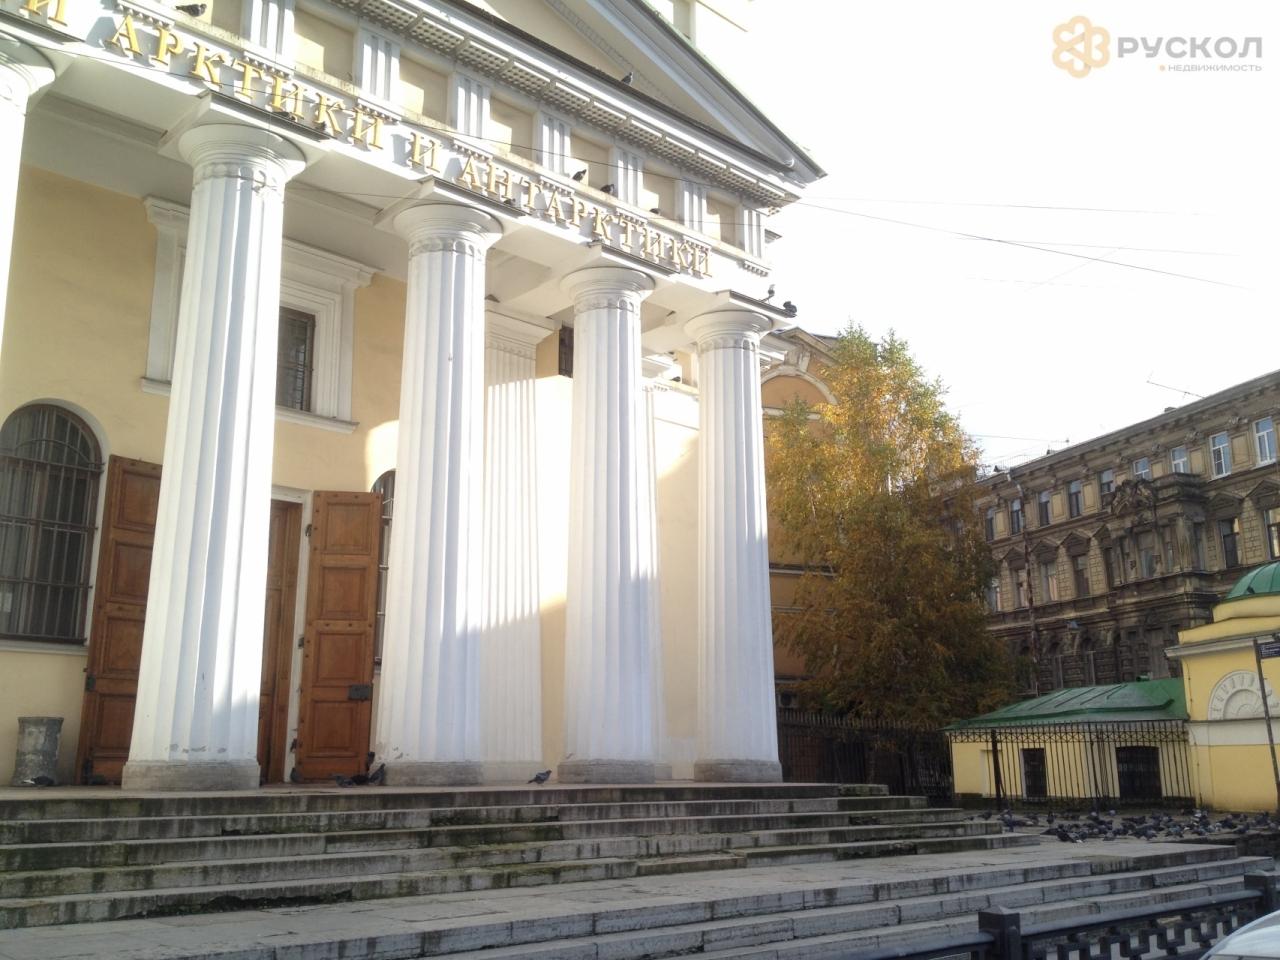 http://ruscol.pro.bkn.ru/images/s_big/a29c05f1-ba34-11e7-b300-448a5bd44c07.jpg